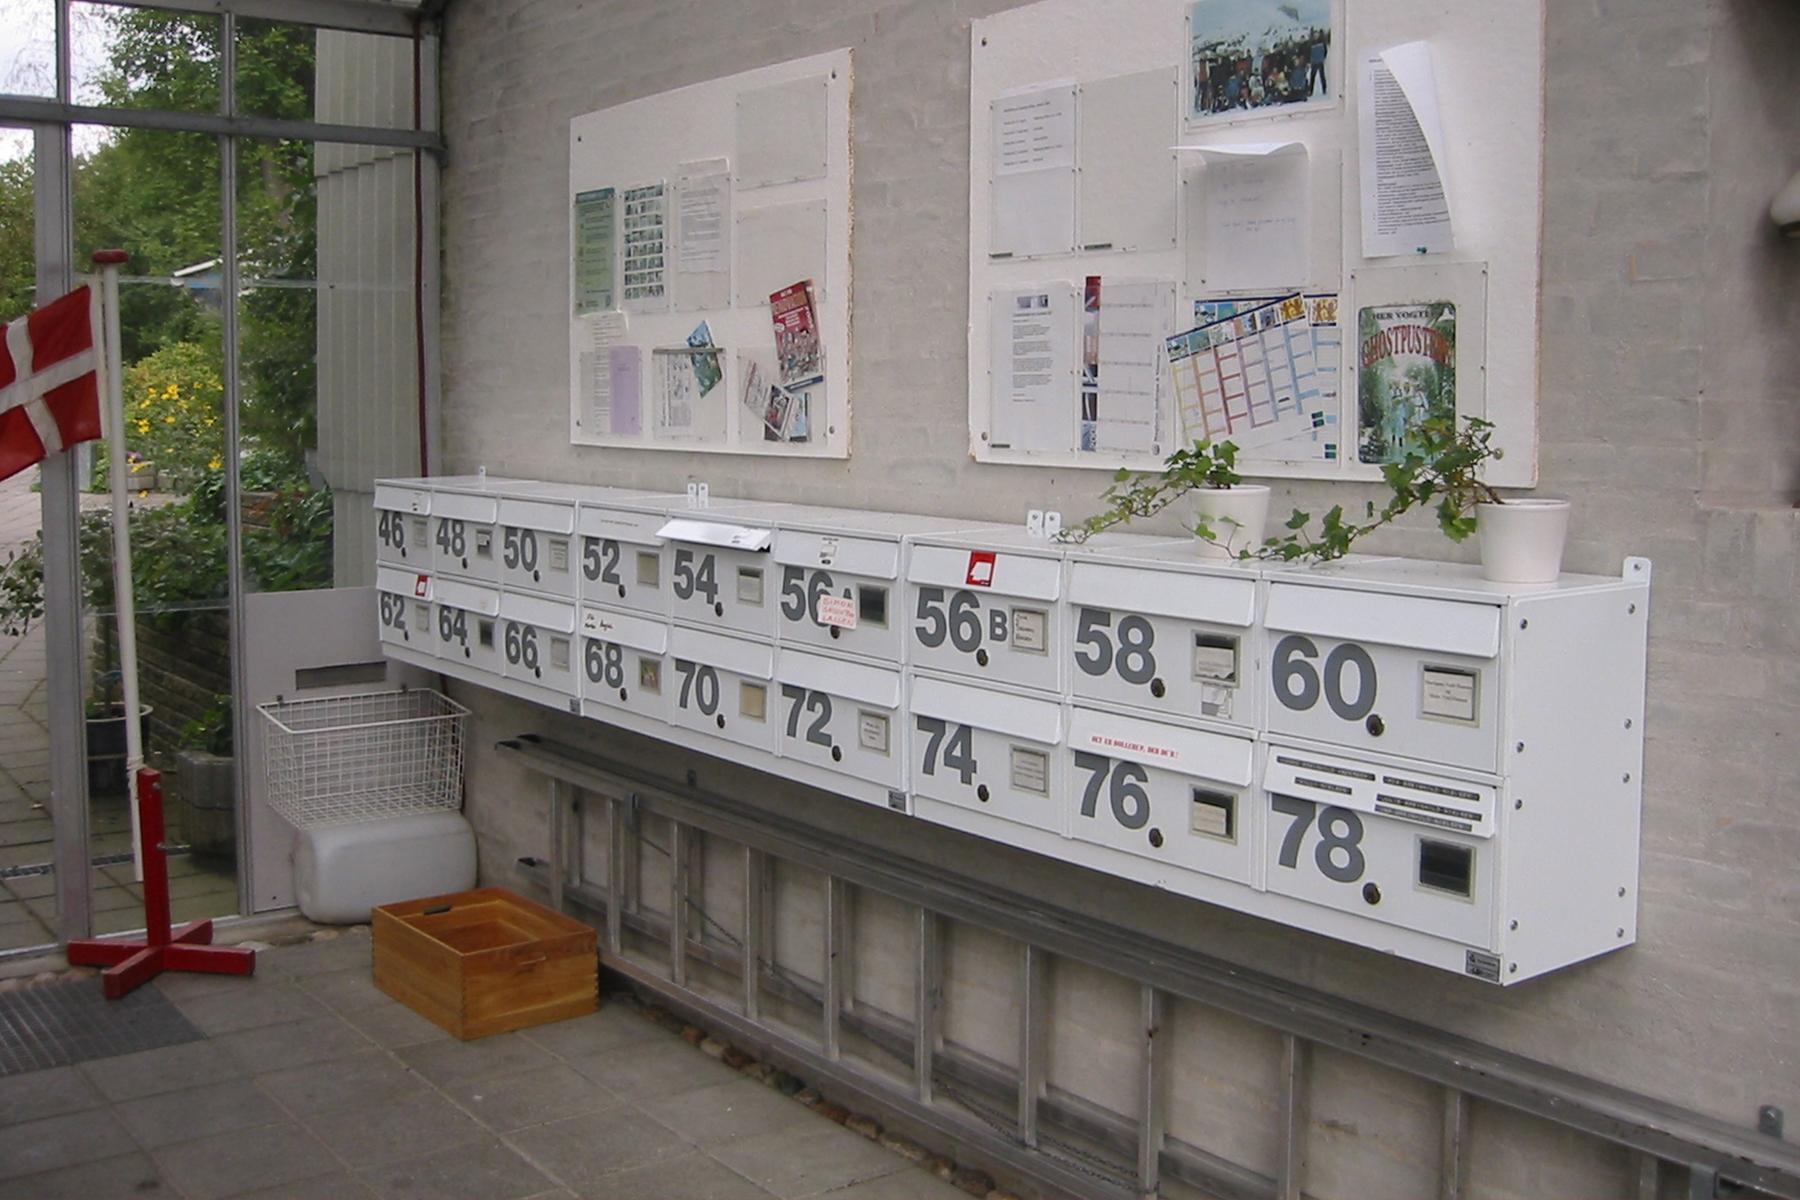 Adelan 2 Cohousing  in Randers, DK. Designed by Peter Krogh